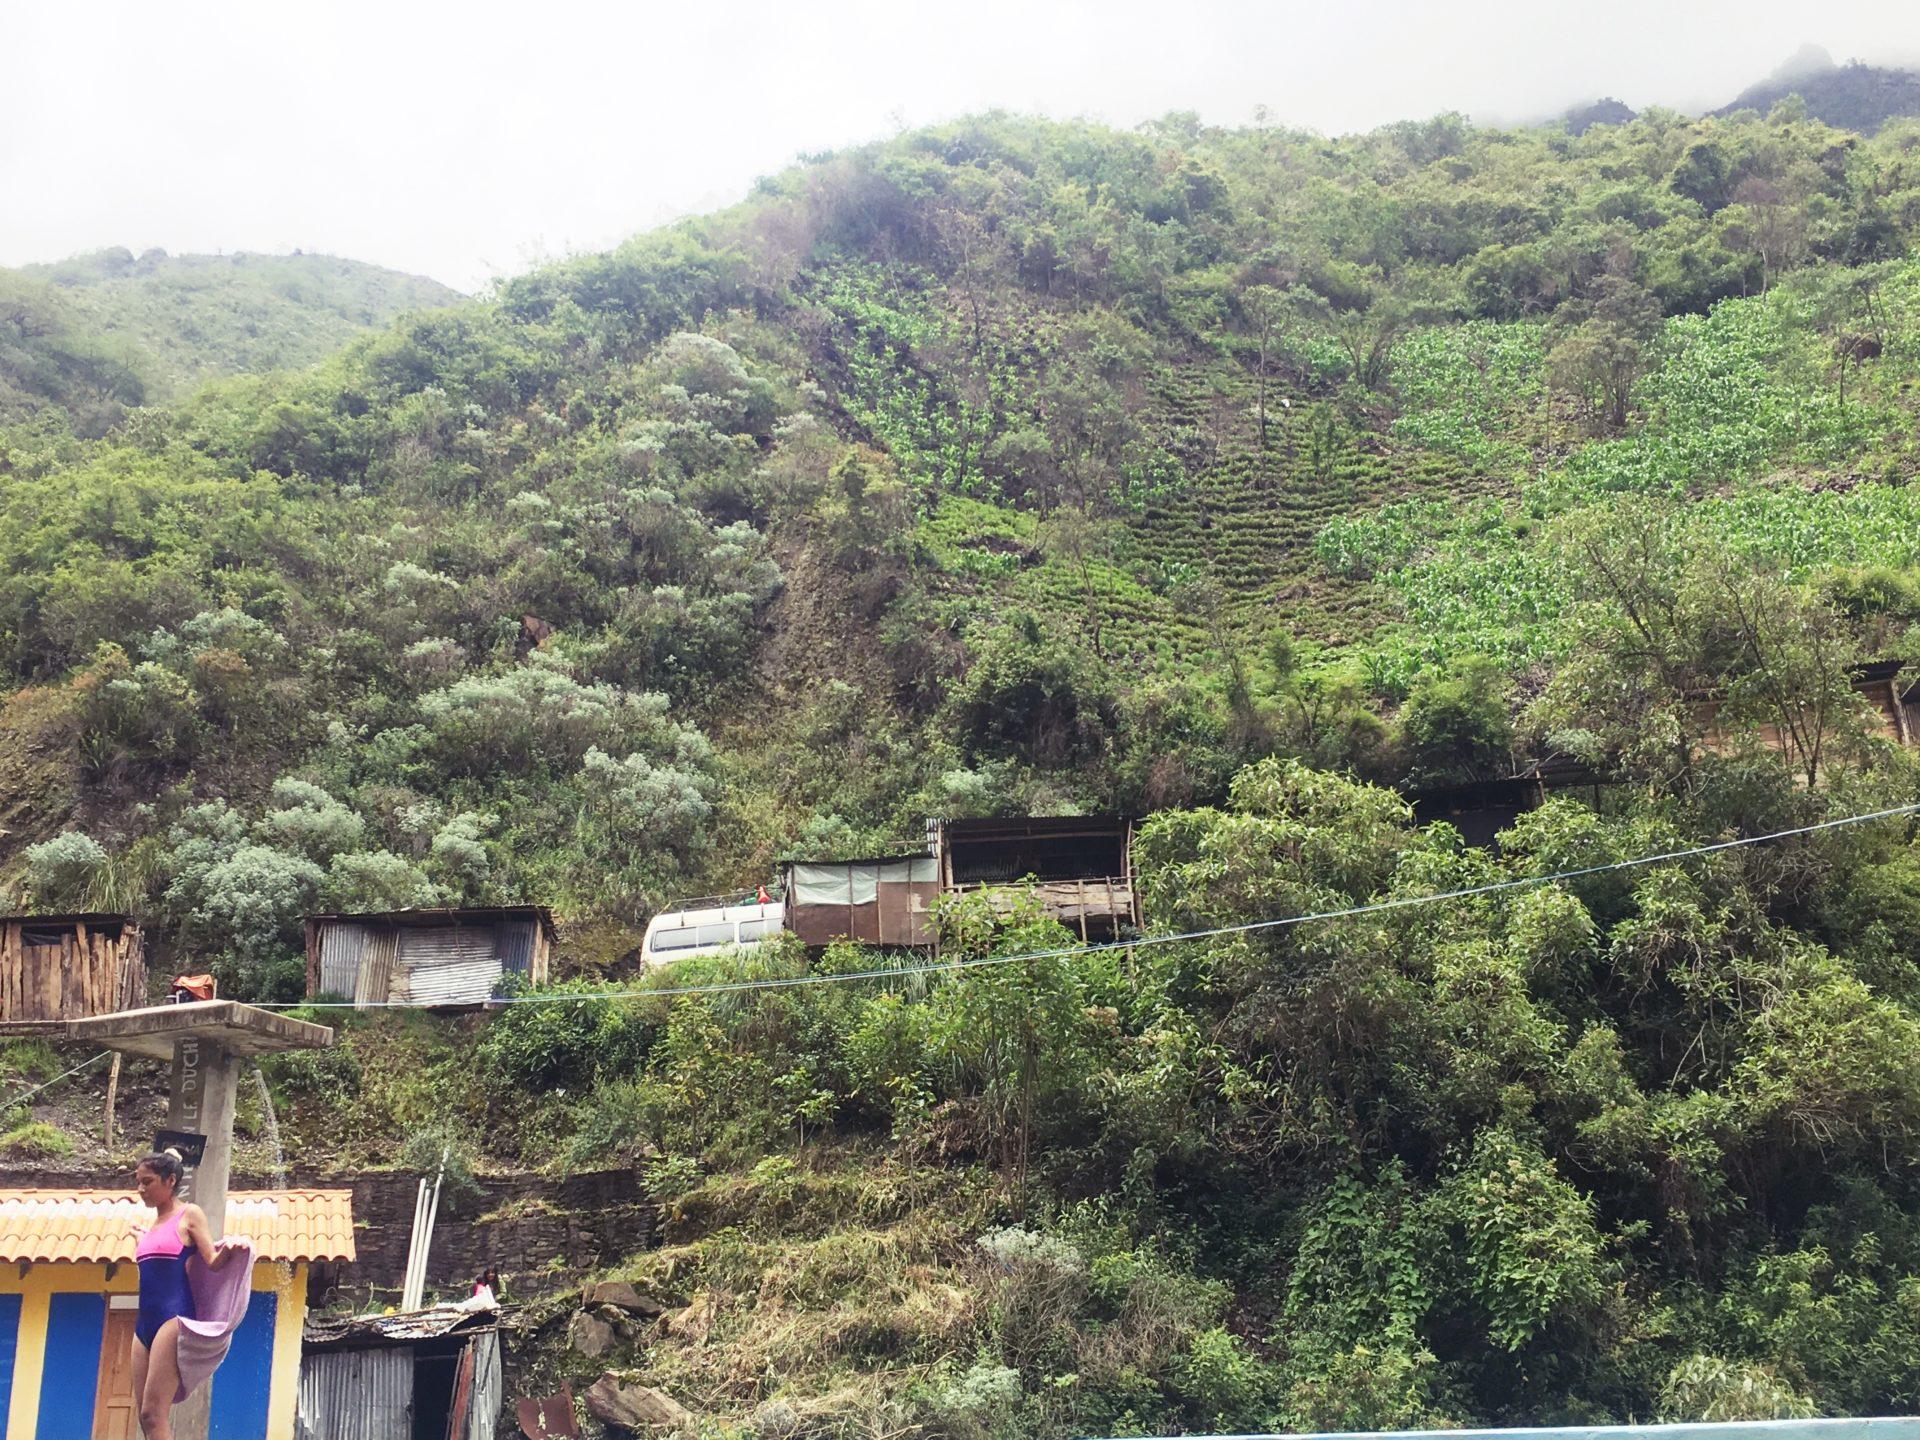 ペルー, クスコ, カルカ, 秘境, 温泉, Peru, Cusco, Calca, Chimur, hot spring, baños termales